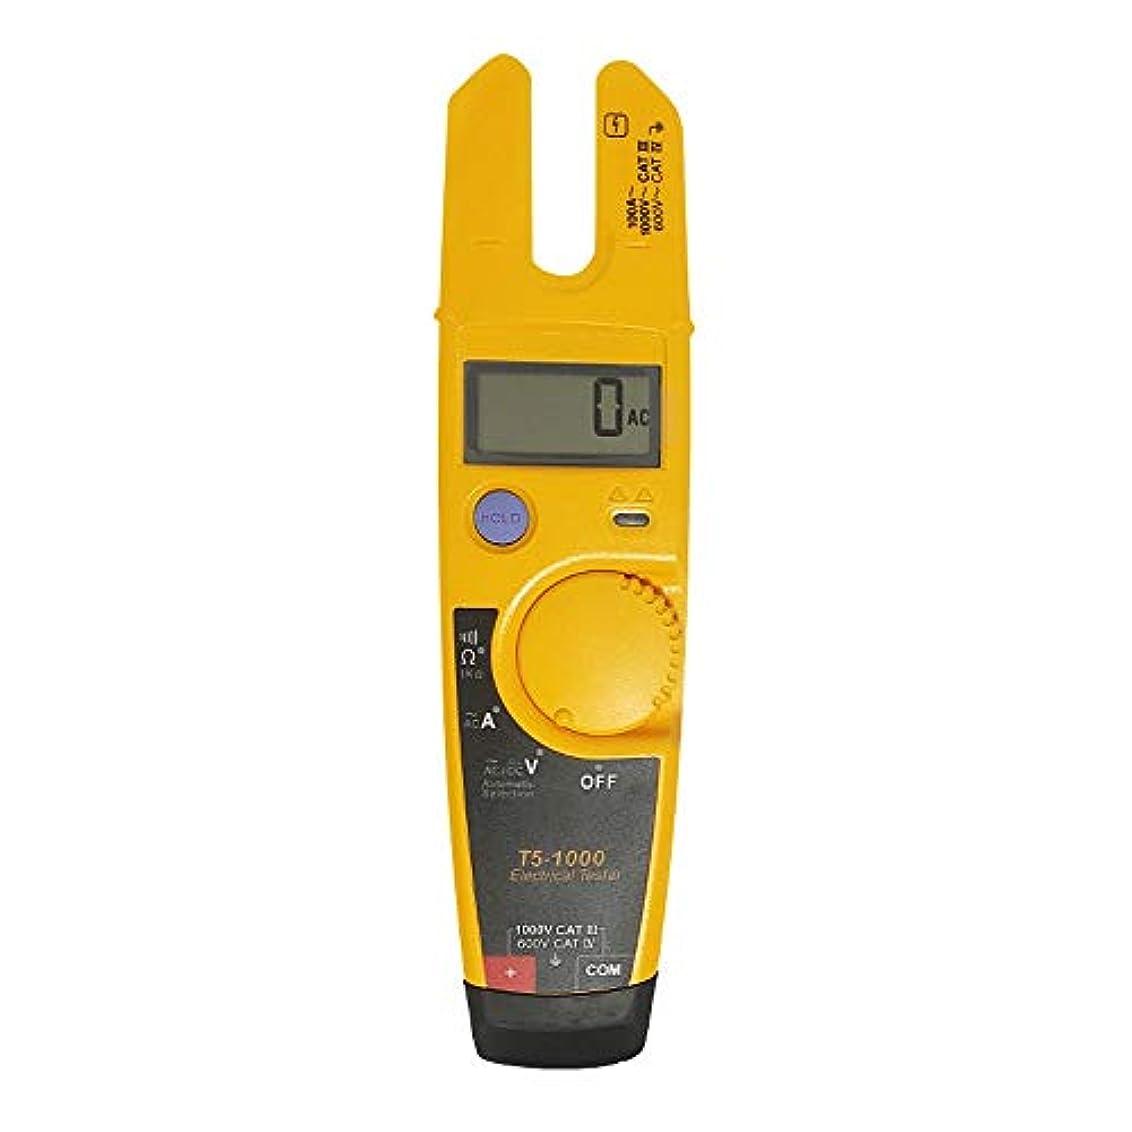 起訴する影取り除くBTXXYJP Labloot ソフトケース付き T5-600 クランプメーター 電圧 連続電流 クランプメーター